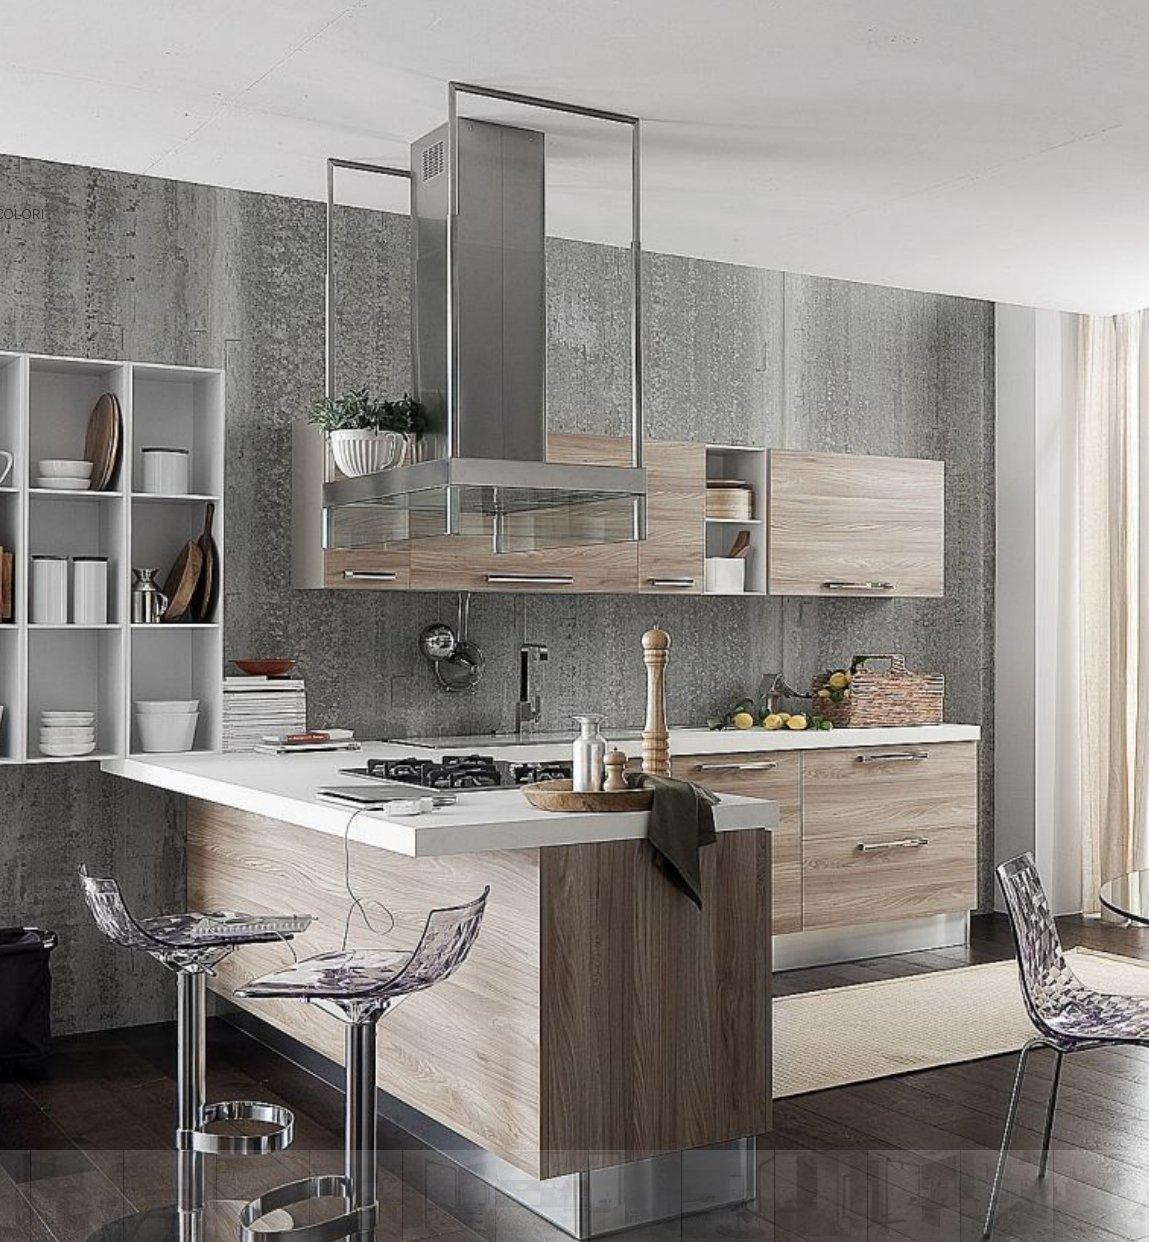 Cucina con gola in laminato 3d cucine a prezzi scontati - Anta cucina laminato ...